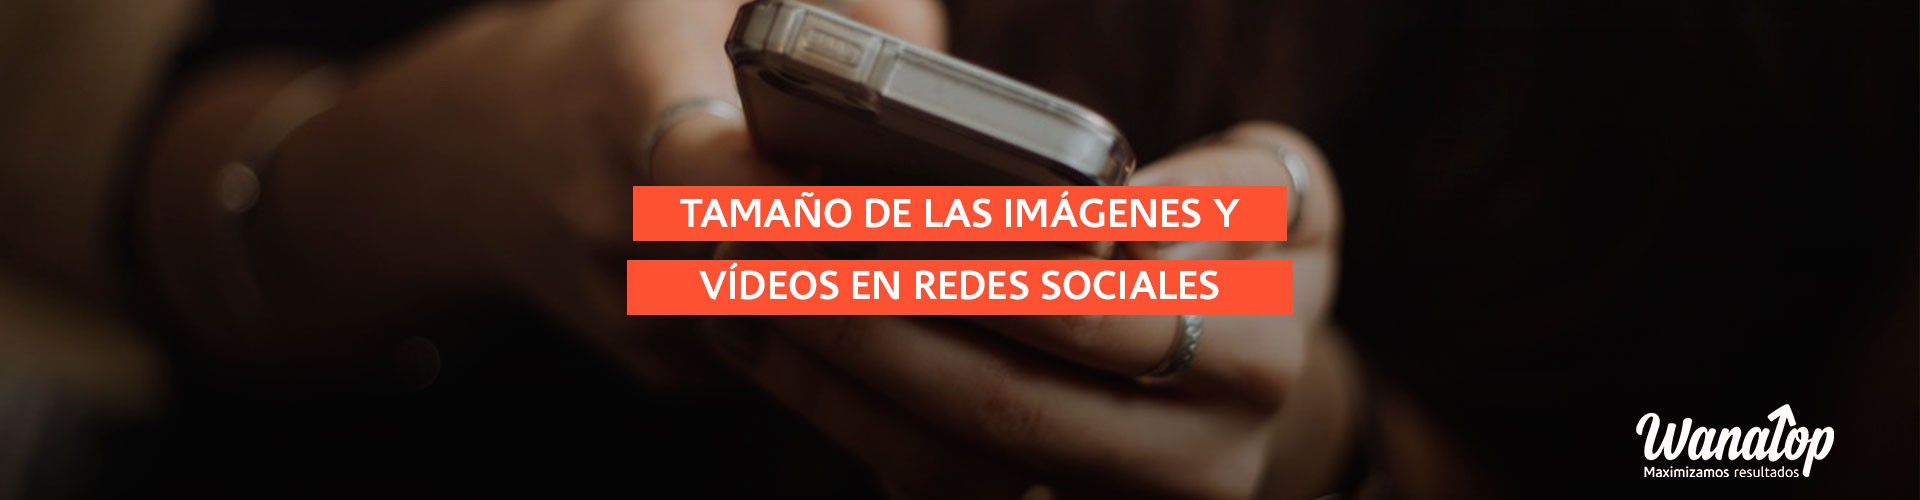 ¿Cuál es el tamaño de las imágenes y vídeos en redes sociales?